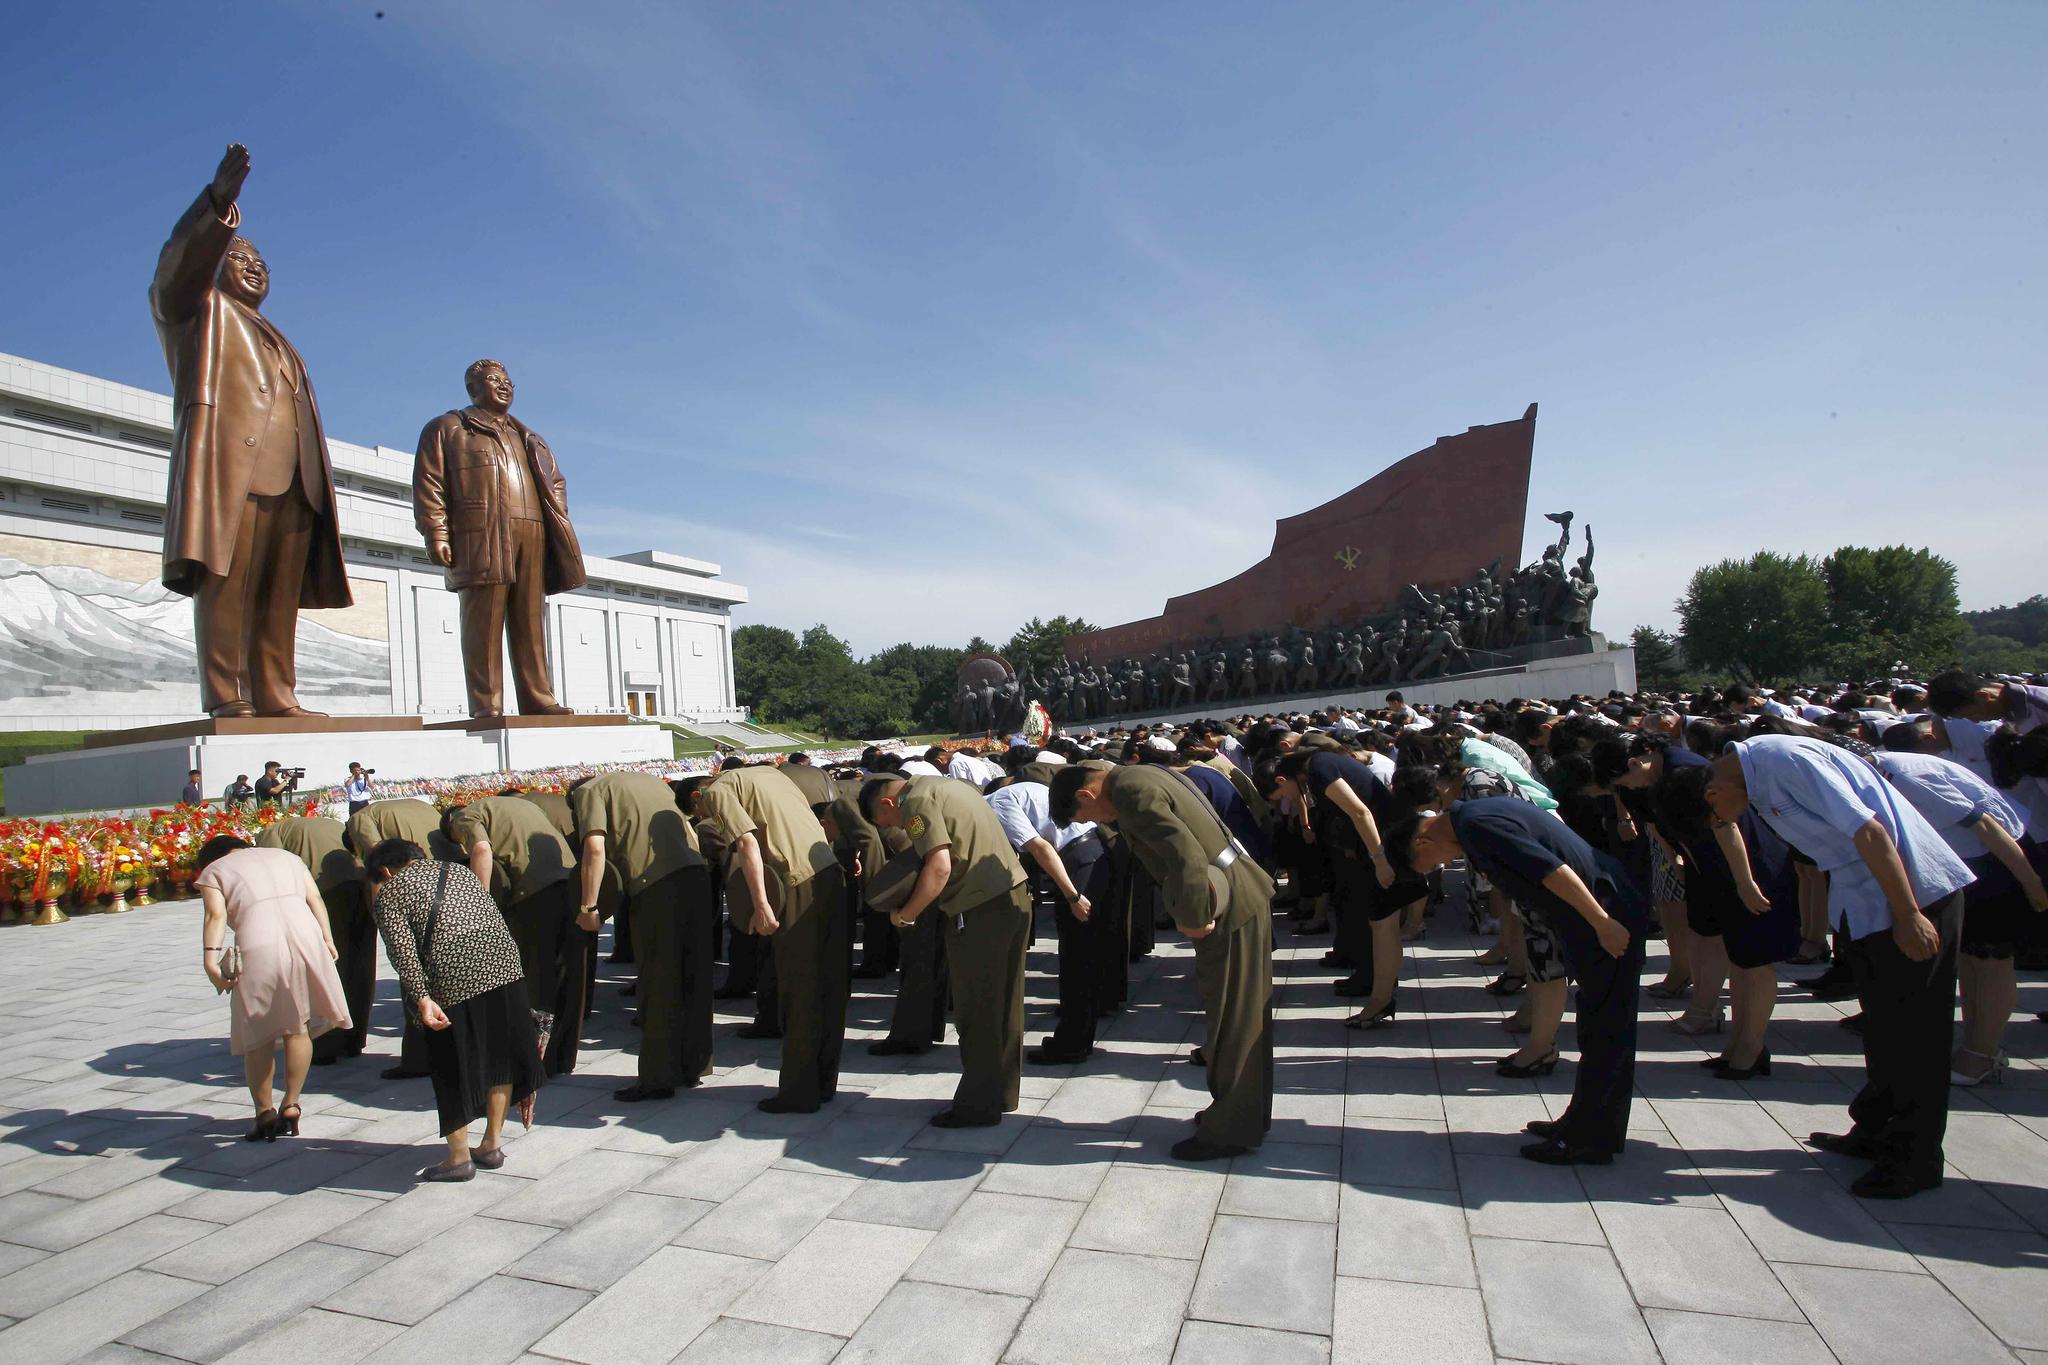 8일 오전 북한 주민들이 평양 만수대언덕에 있는 김일성·김정일 동상 앞에서 묵념하고 있다.[AP=연합뉴스]